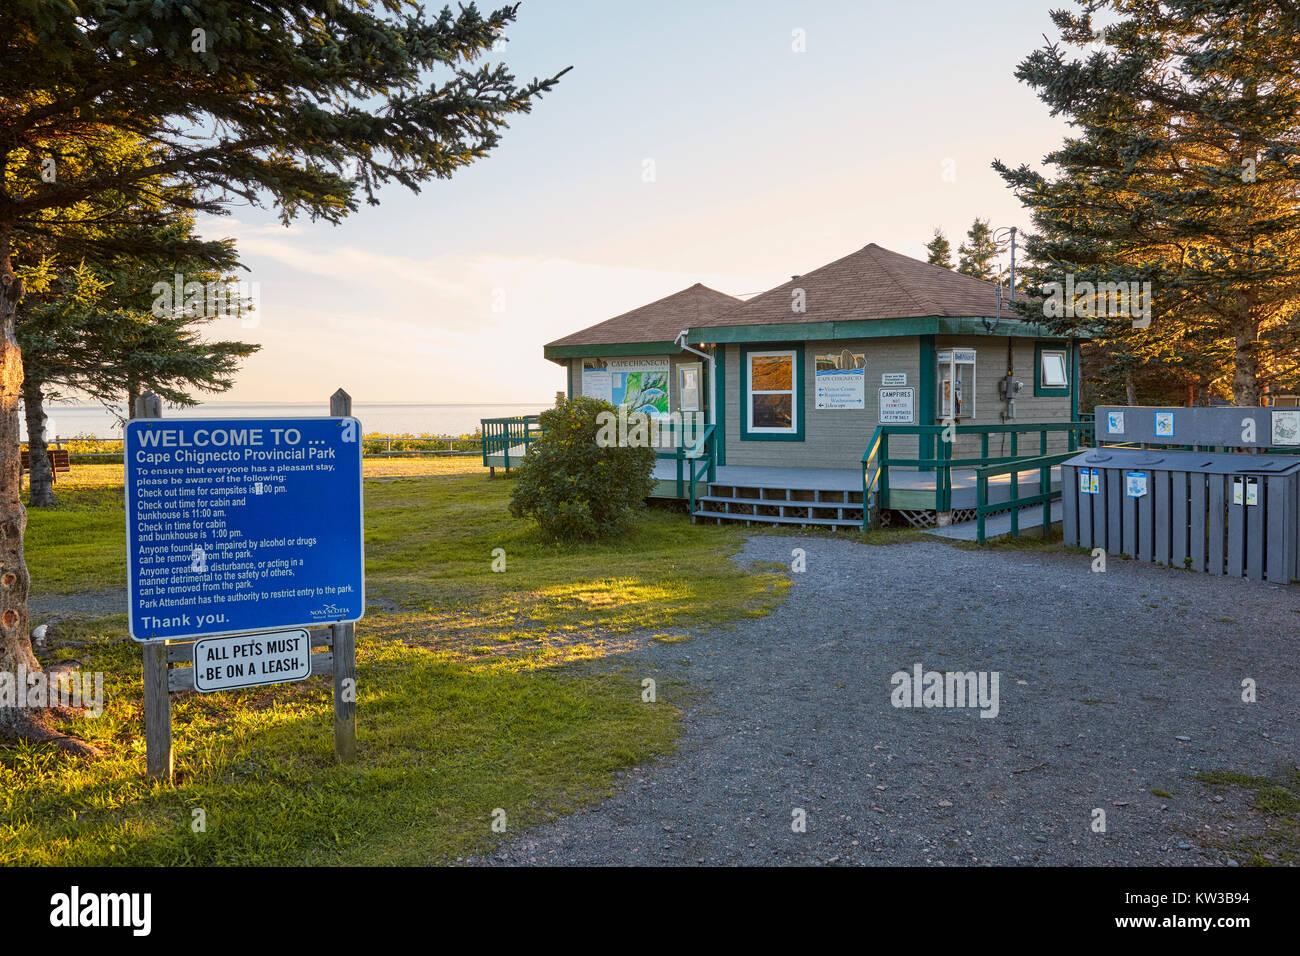 Cape Chignecto Visitor Center, Cape Chignecto Provincial Park, Nova Scotia, Canada - Stock Image